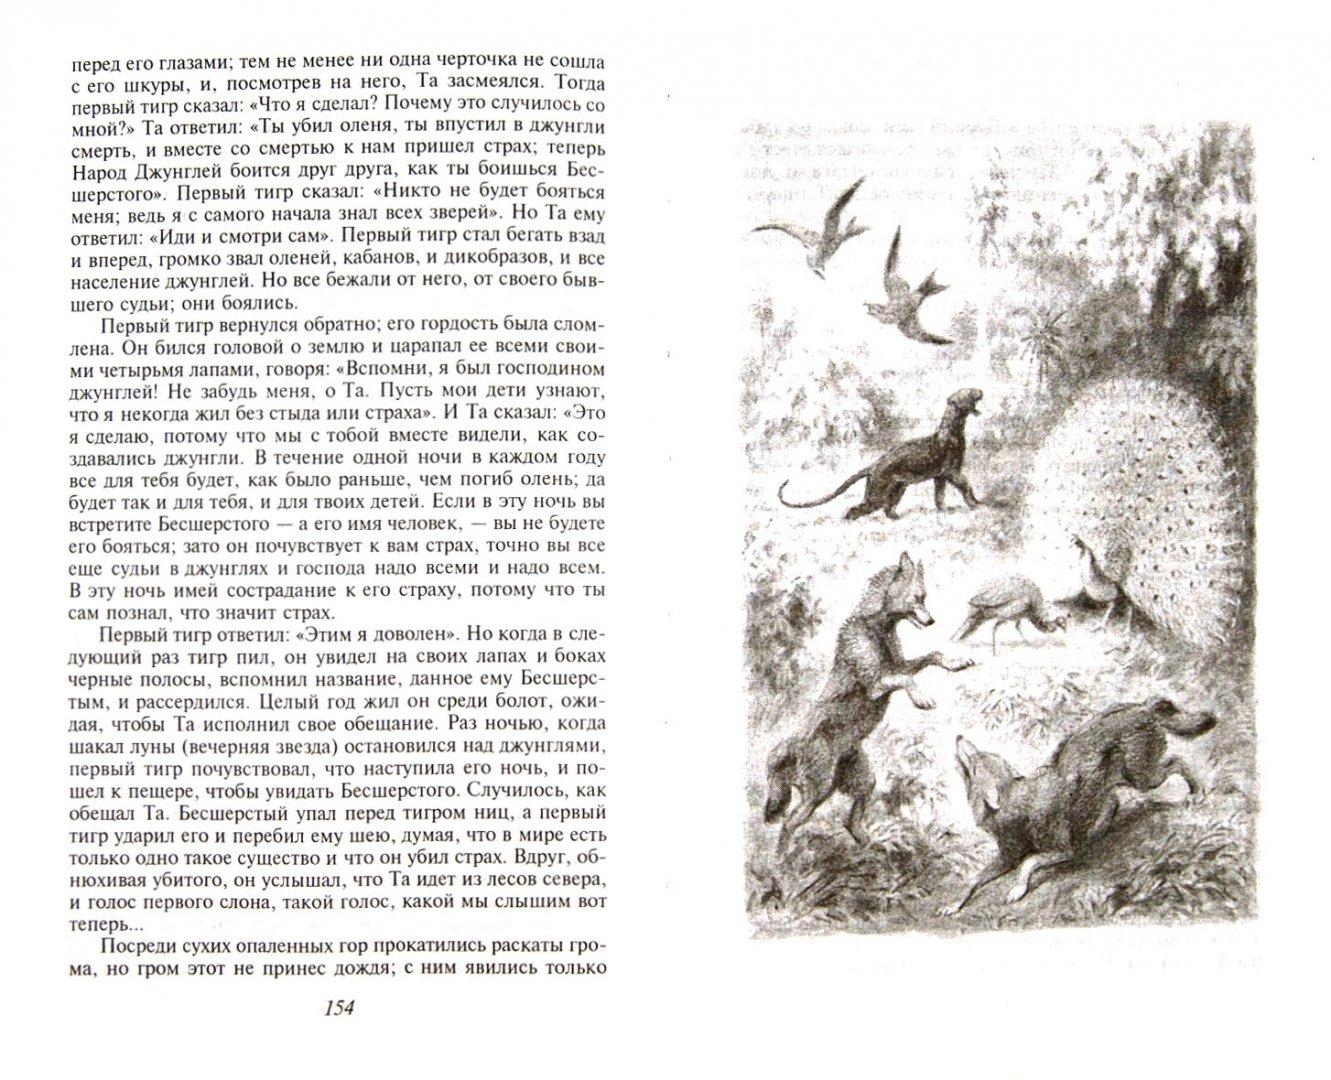 Иллюстрация 1 из 2 для Книга джунглей - Редьярд Киплинг | Лабиринт - книги. Источник: Лабиринт